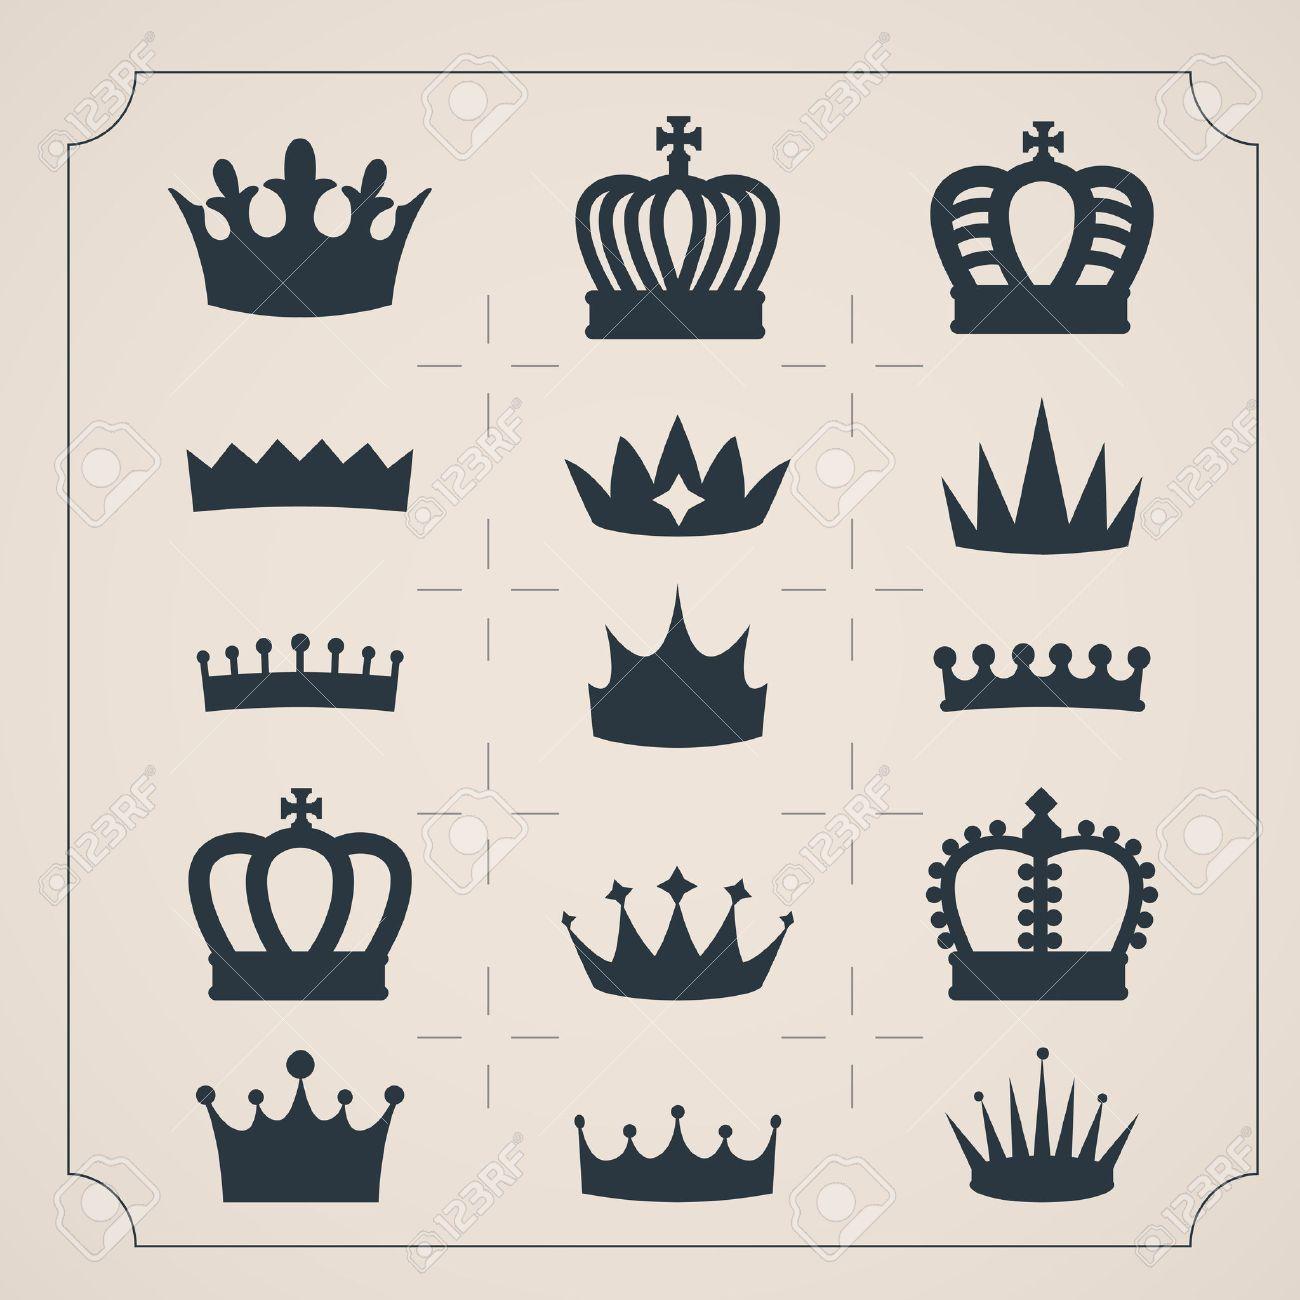 Resultado De Imagen Para Imagenes Coronas De Rey Para Colorear Cards